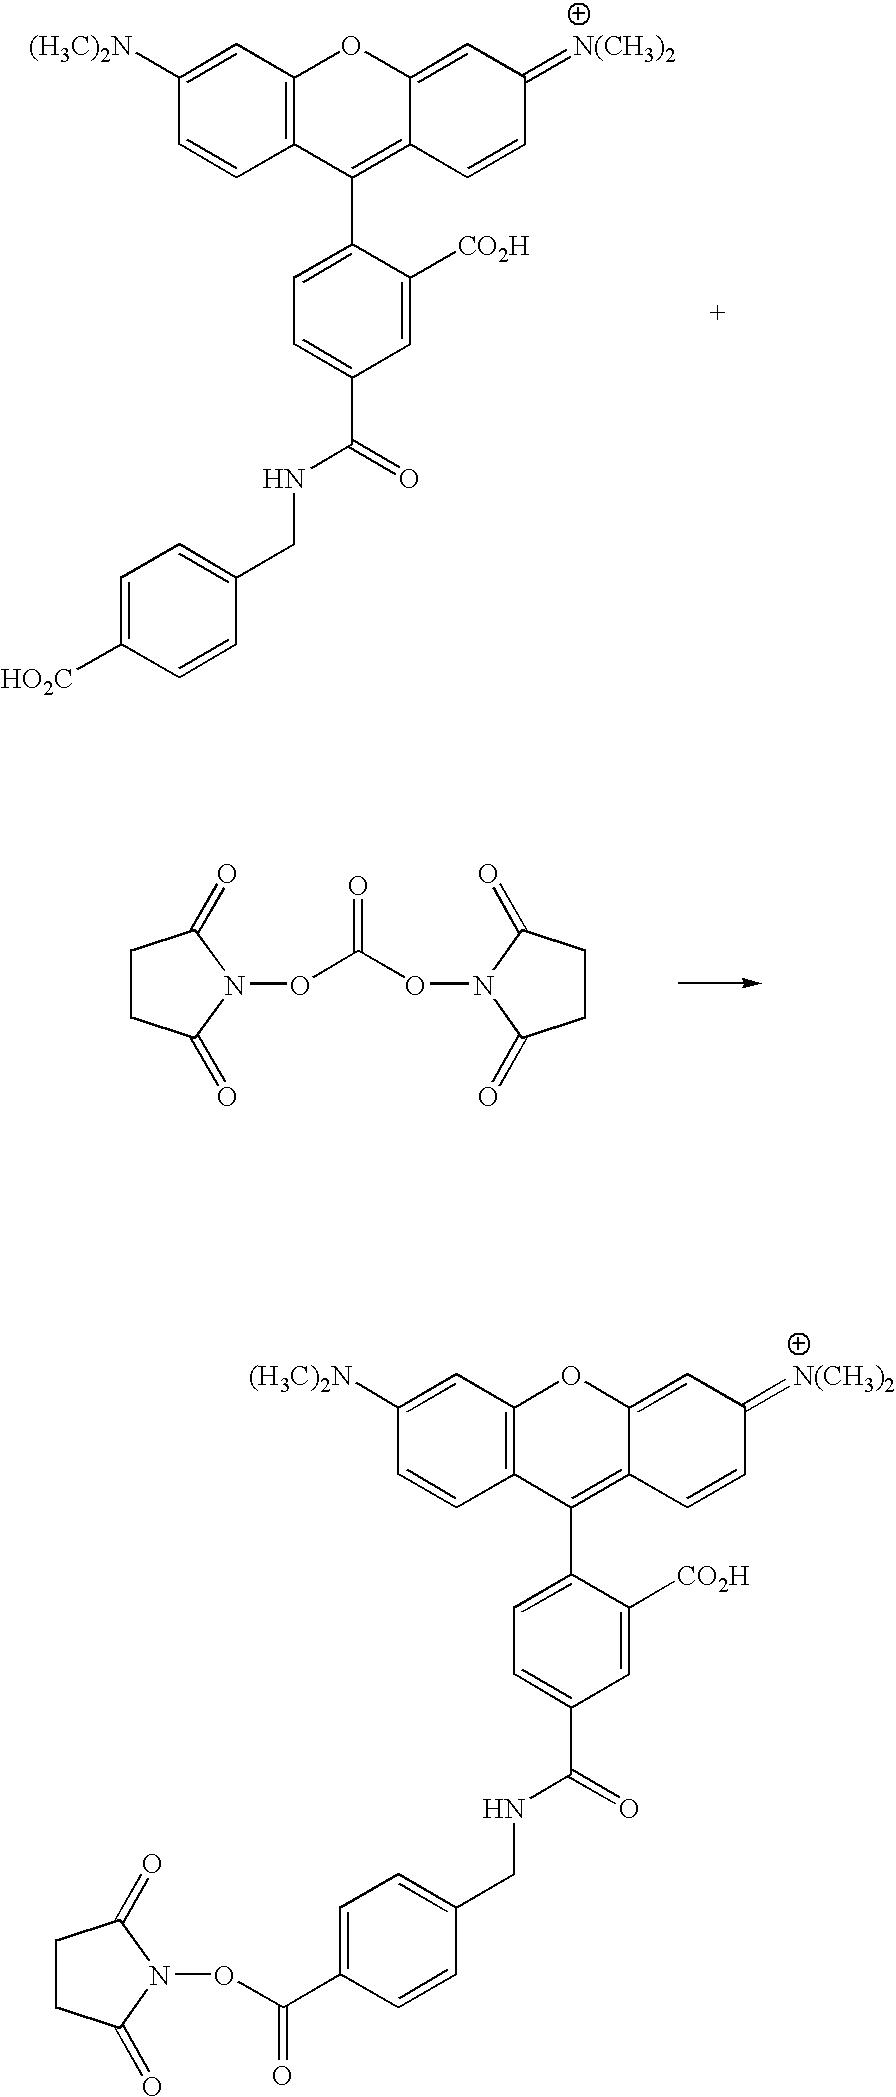 Figure US20070154926A1-20070705-C00108